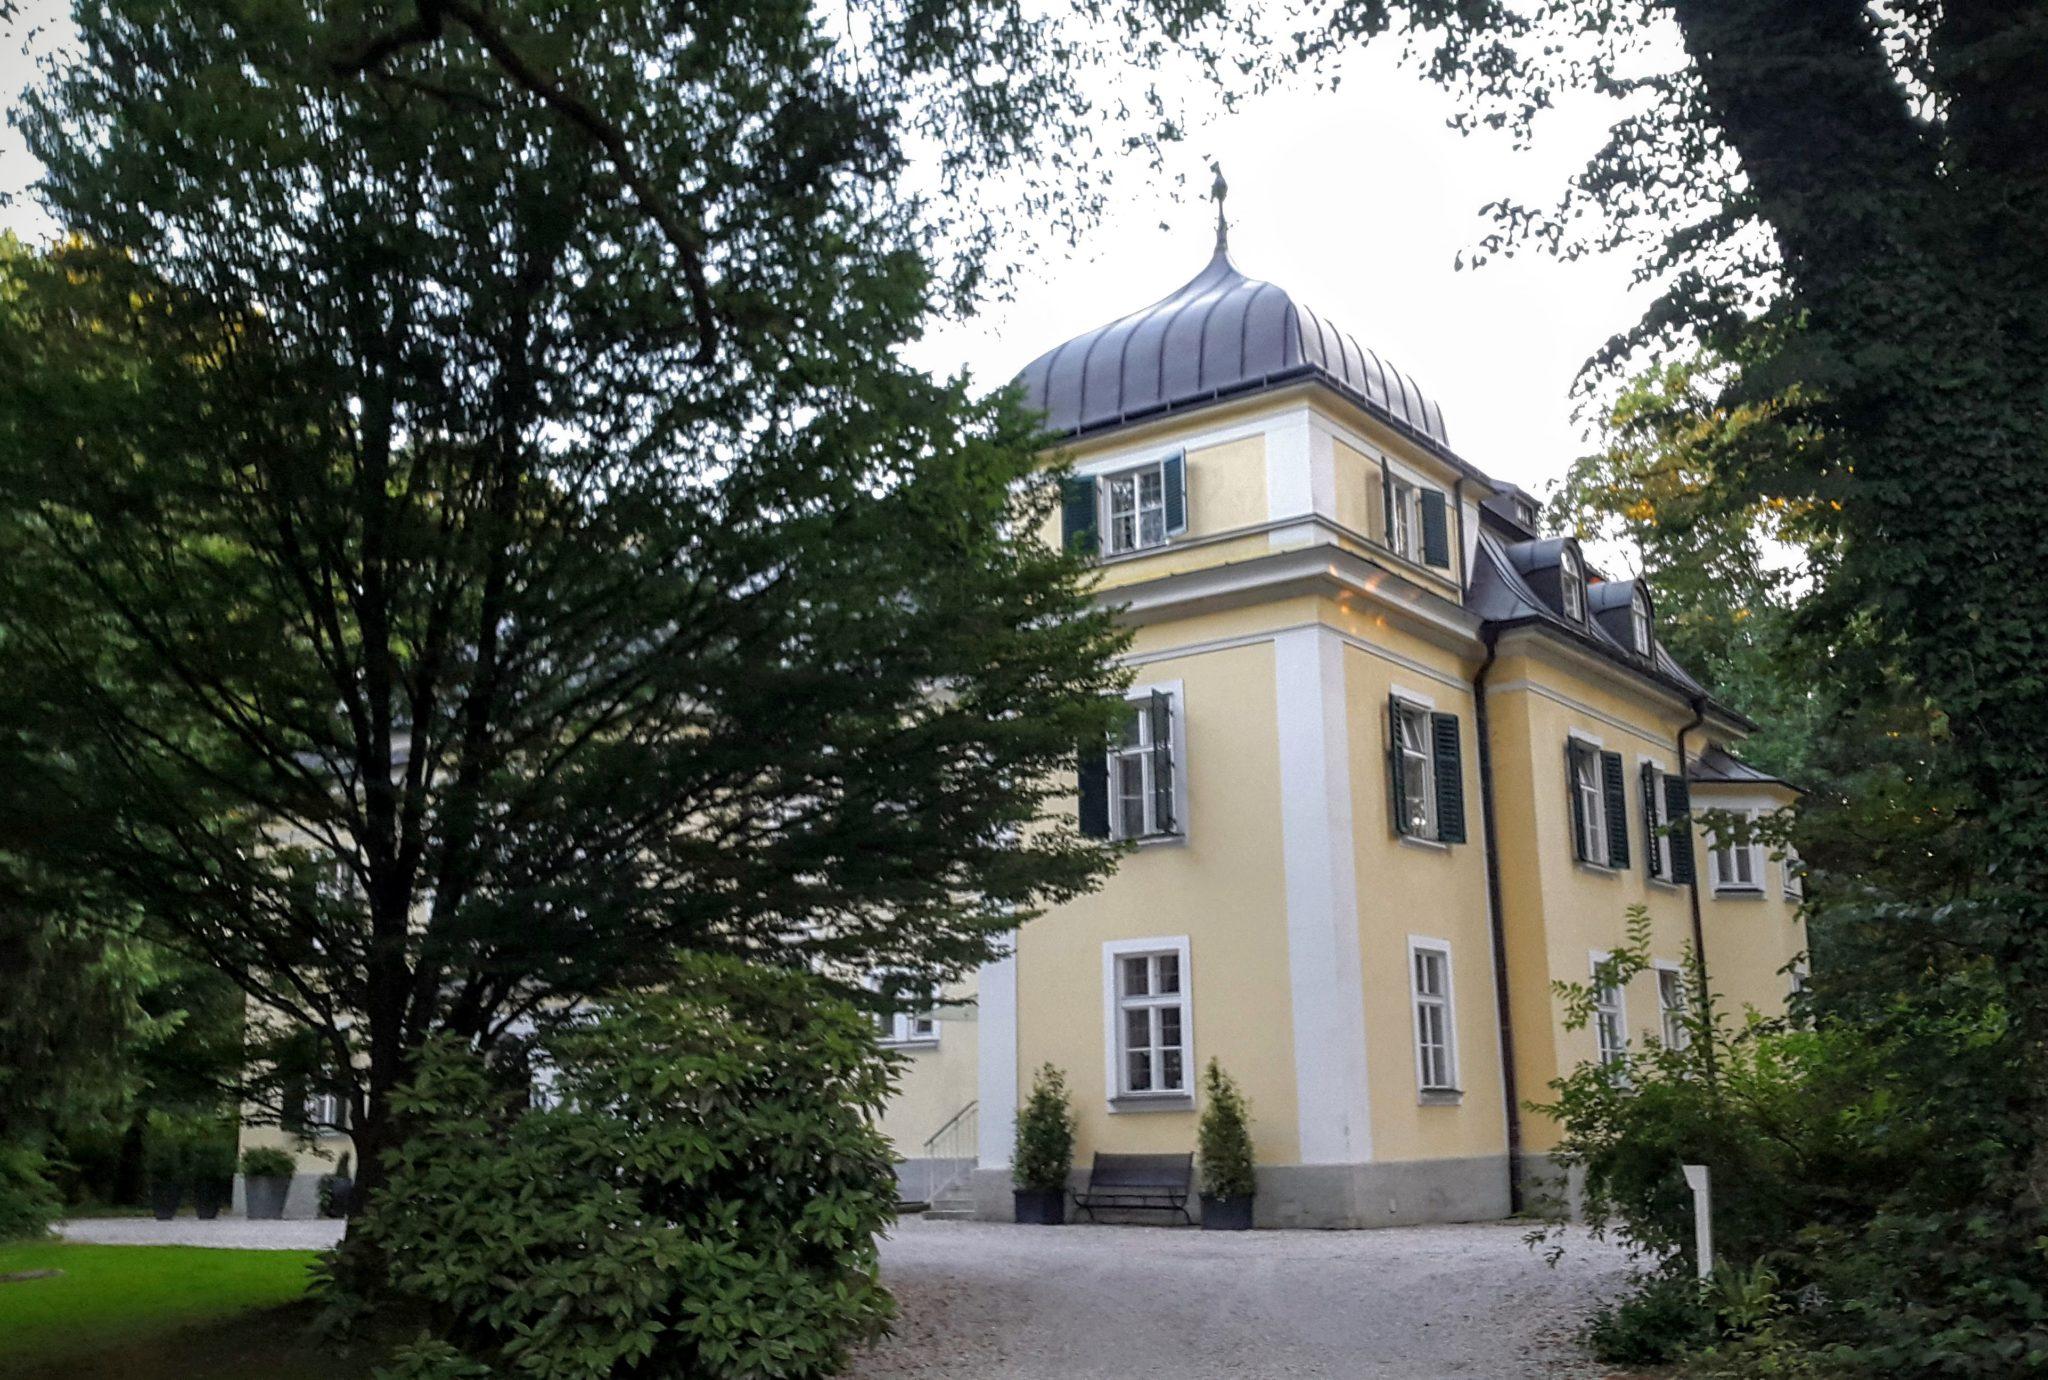 Villa Trapp in aigen